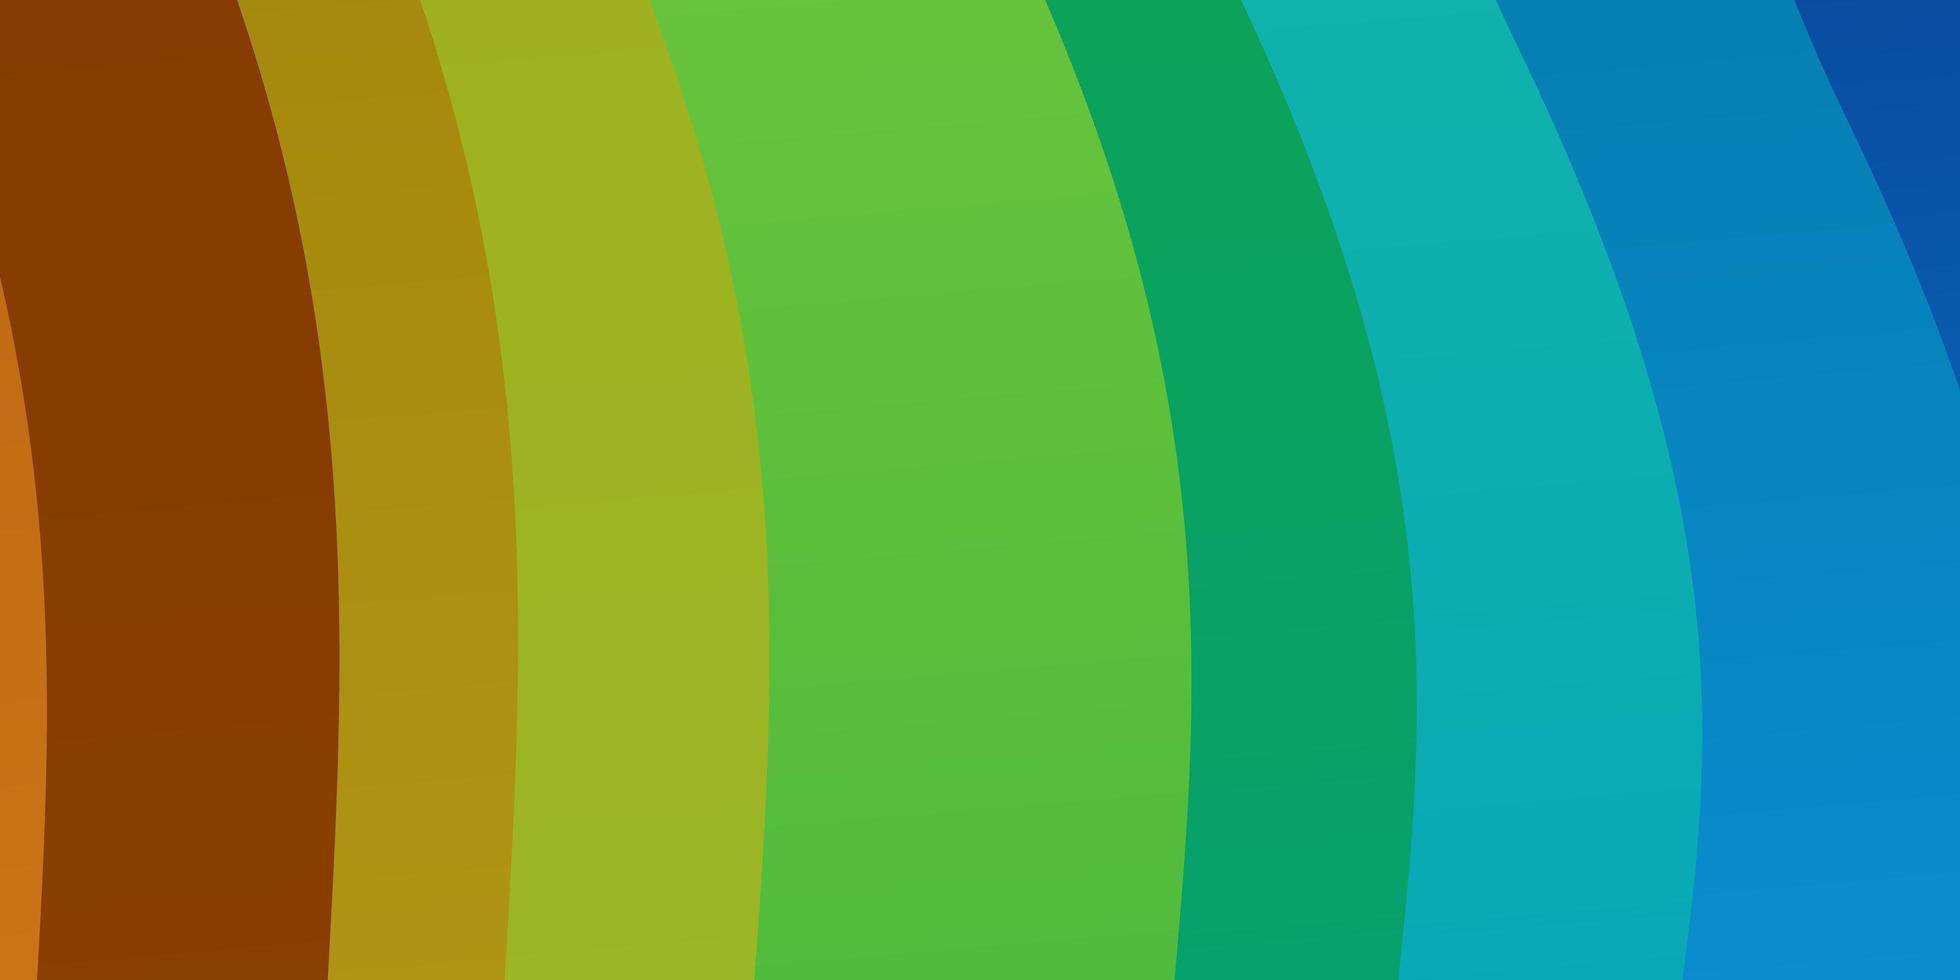 lichtblauw, geel sjabloon met gebogen lijnen. vector